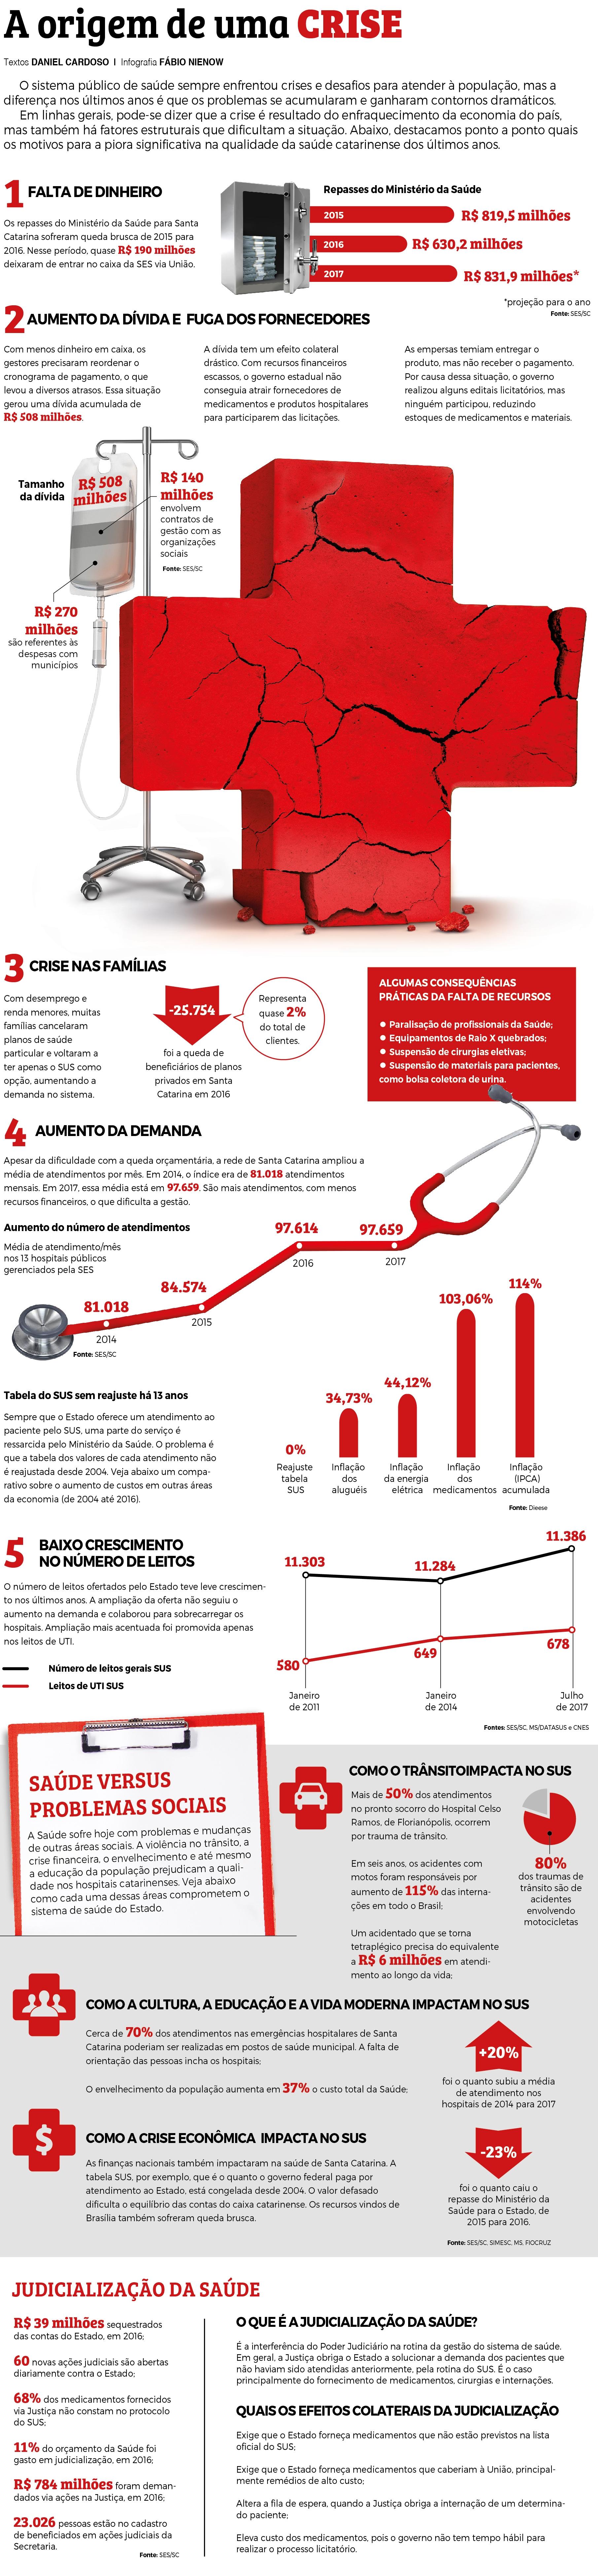 Diagnóstico da saúde - Divulgação/ND